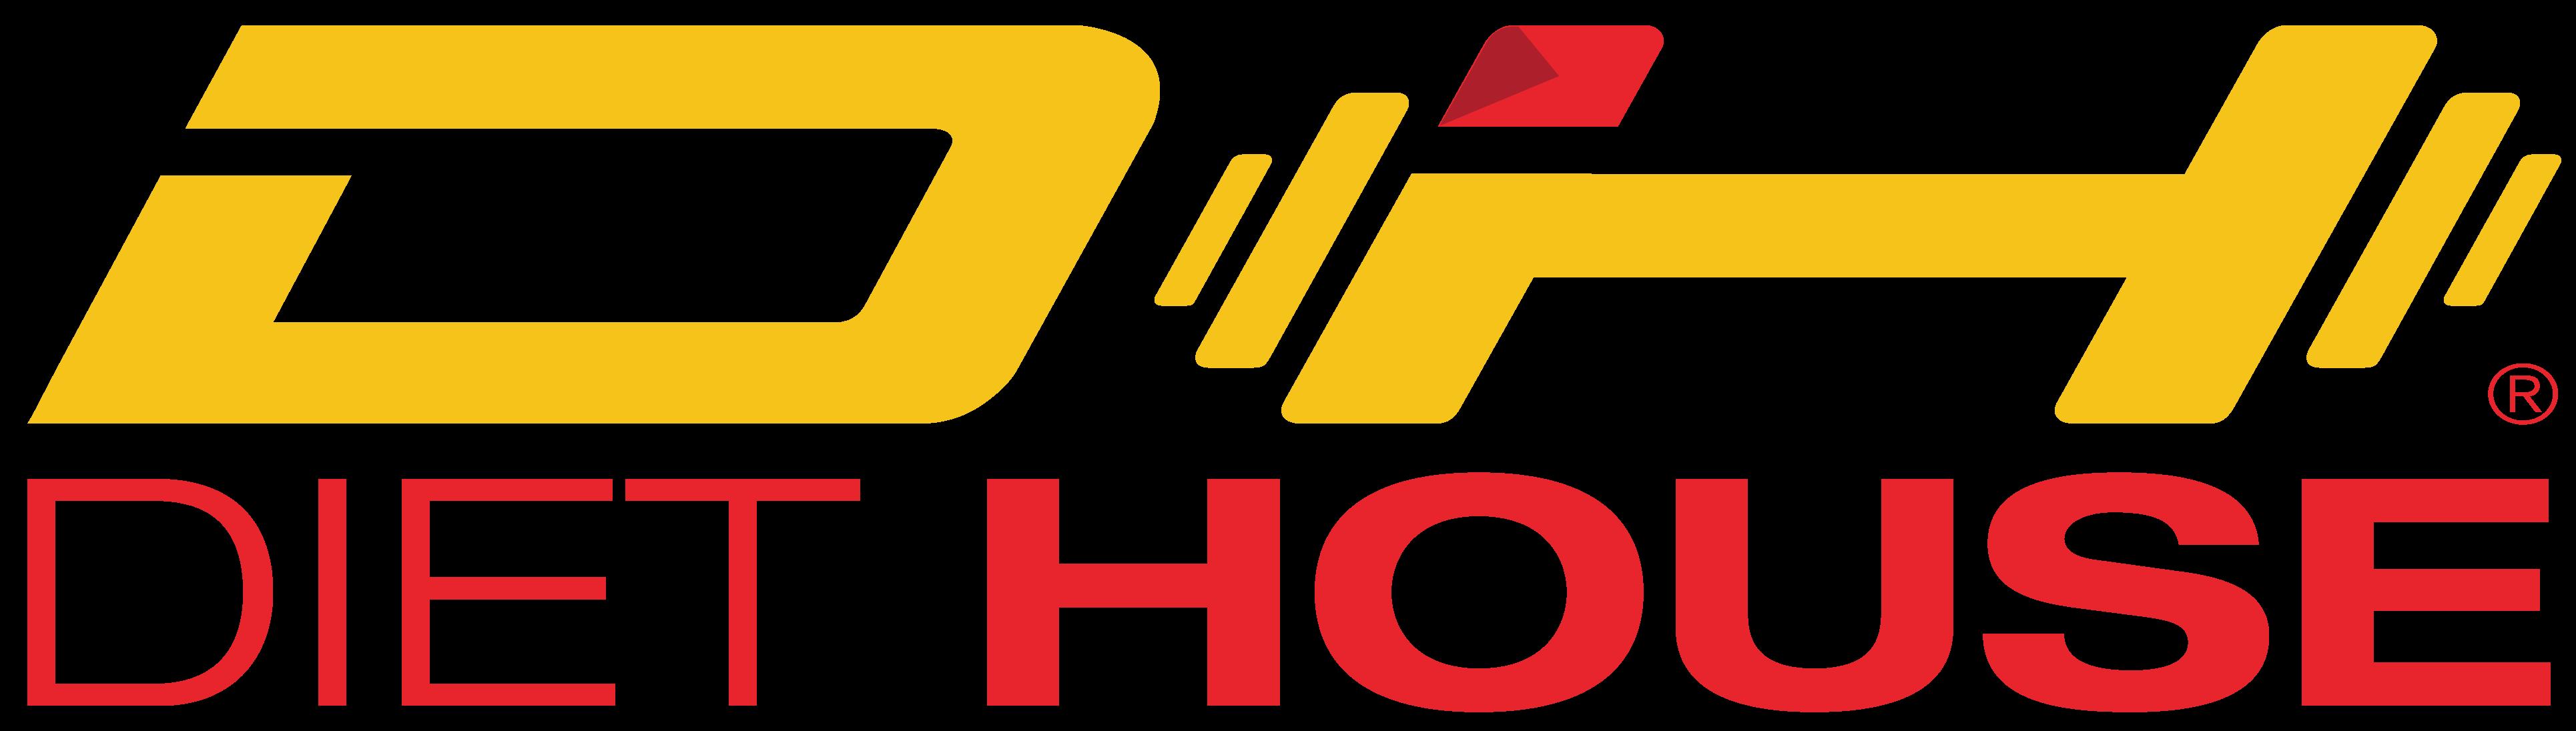 Diethouse